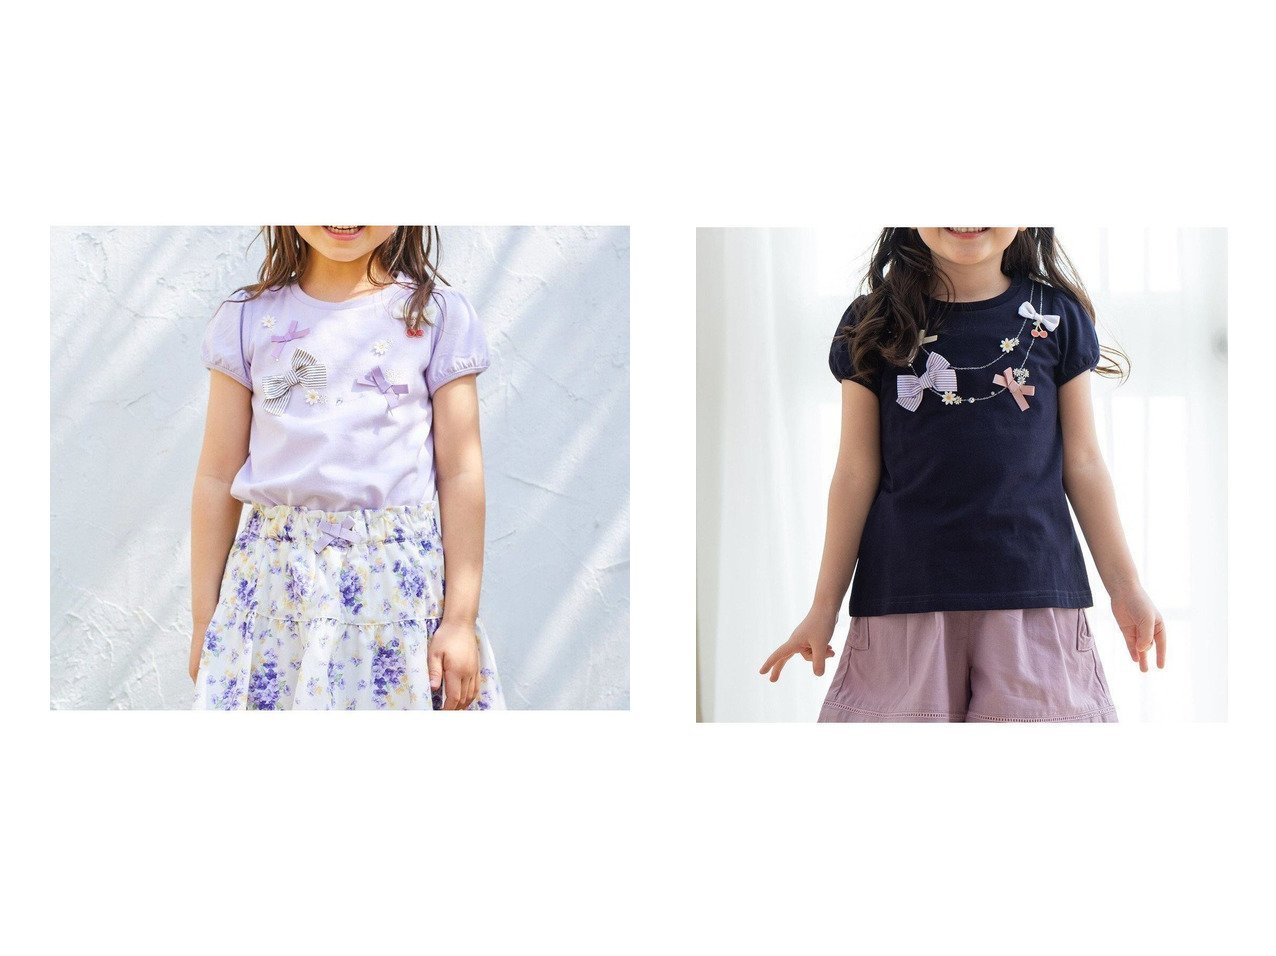 【anyFAM / KIDS/エニファム】のネックレス風モチーフTシャツ&ネックレス風モチーフTシャツ 【KIDS】子供服のおすすめ!人気トレンド・キッズファッションの通販  おすすめで人気の流行・トレンド、ファッションの通販商品 メンズファッション・キッズファッション・インテリア・家具・レディースファッション・服の通販 founy(ファニー) https://founy.com/ ファッション Fashion キッズファッション KIDS トップス・カットソー Tops/Tees/Kids カットソー ガーリー ネックレス 人気 半袖 モチーフ リボン 再入荷 Restock/Back in Stock/Re Arrival 送料無料 Free Shipping |ID:crp329100000034837